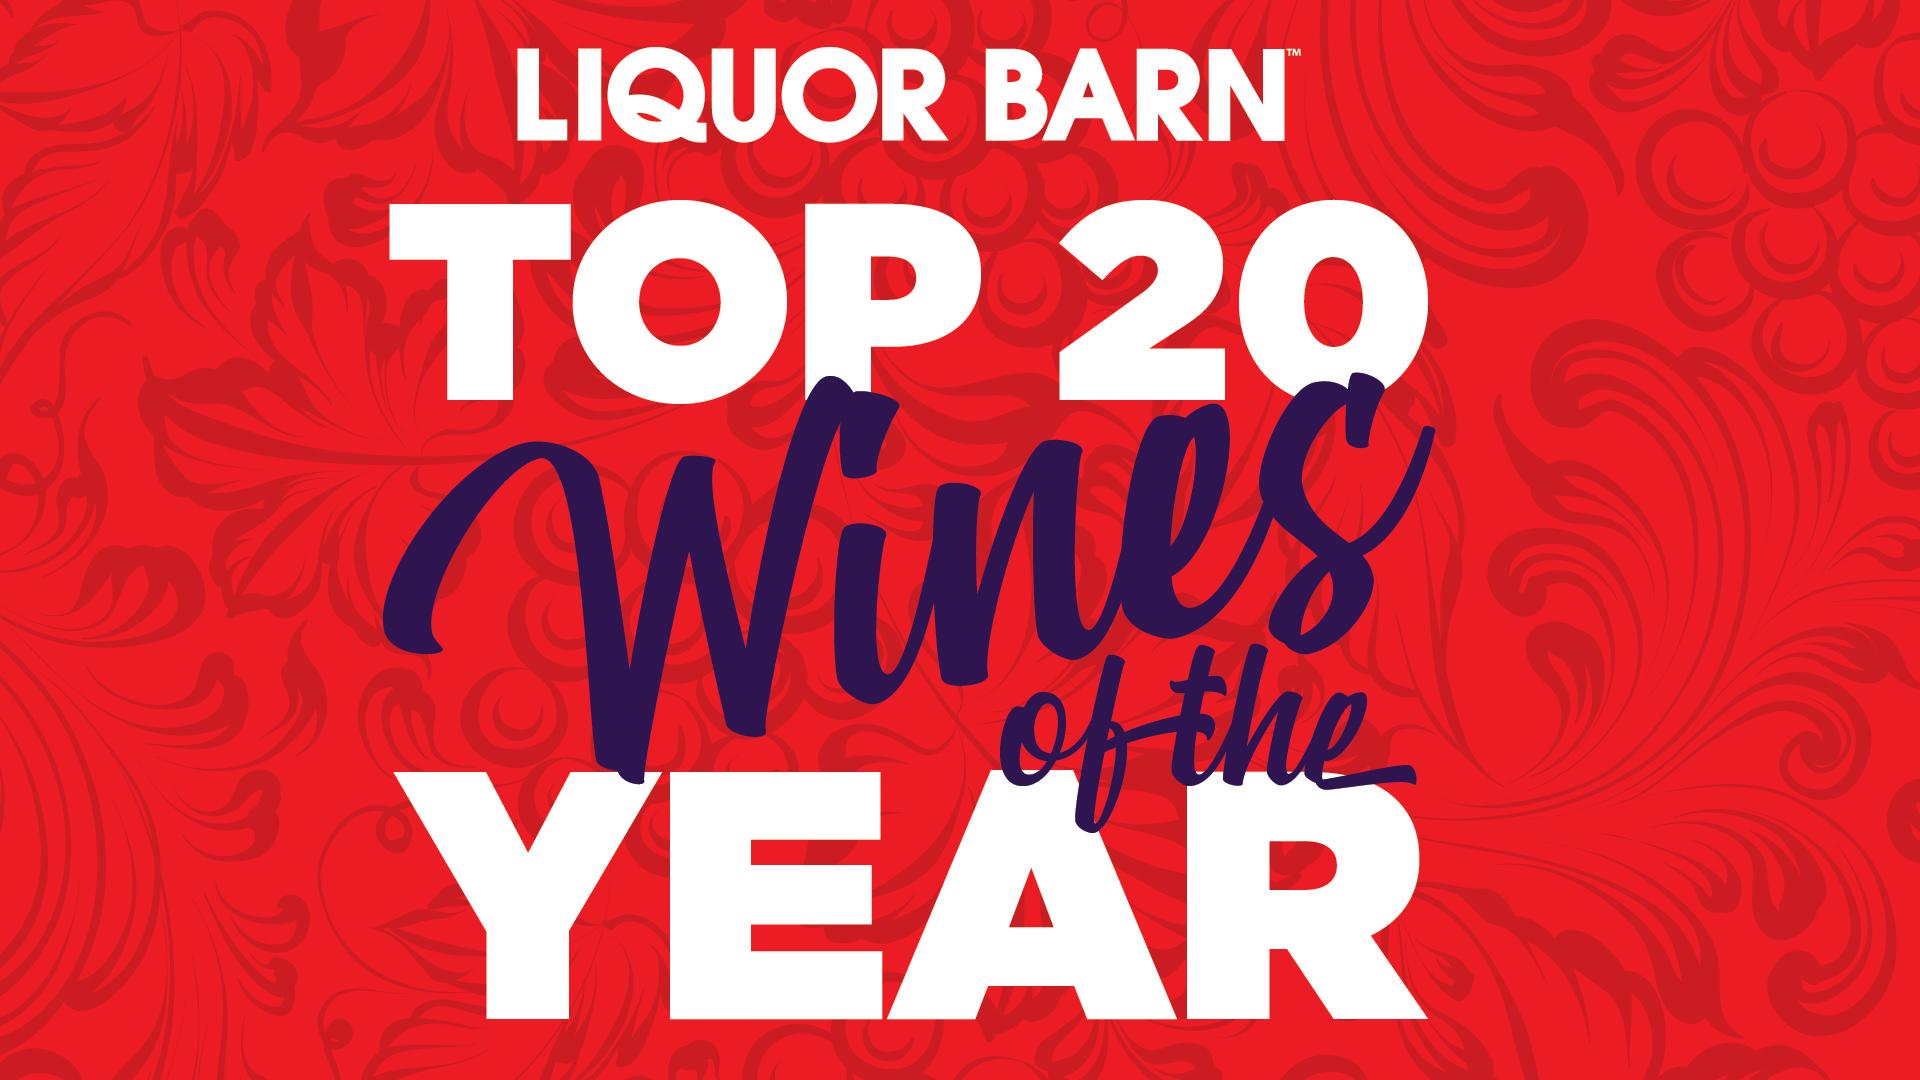 TOP 20 Wines